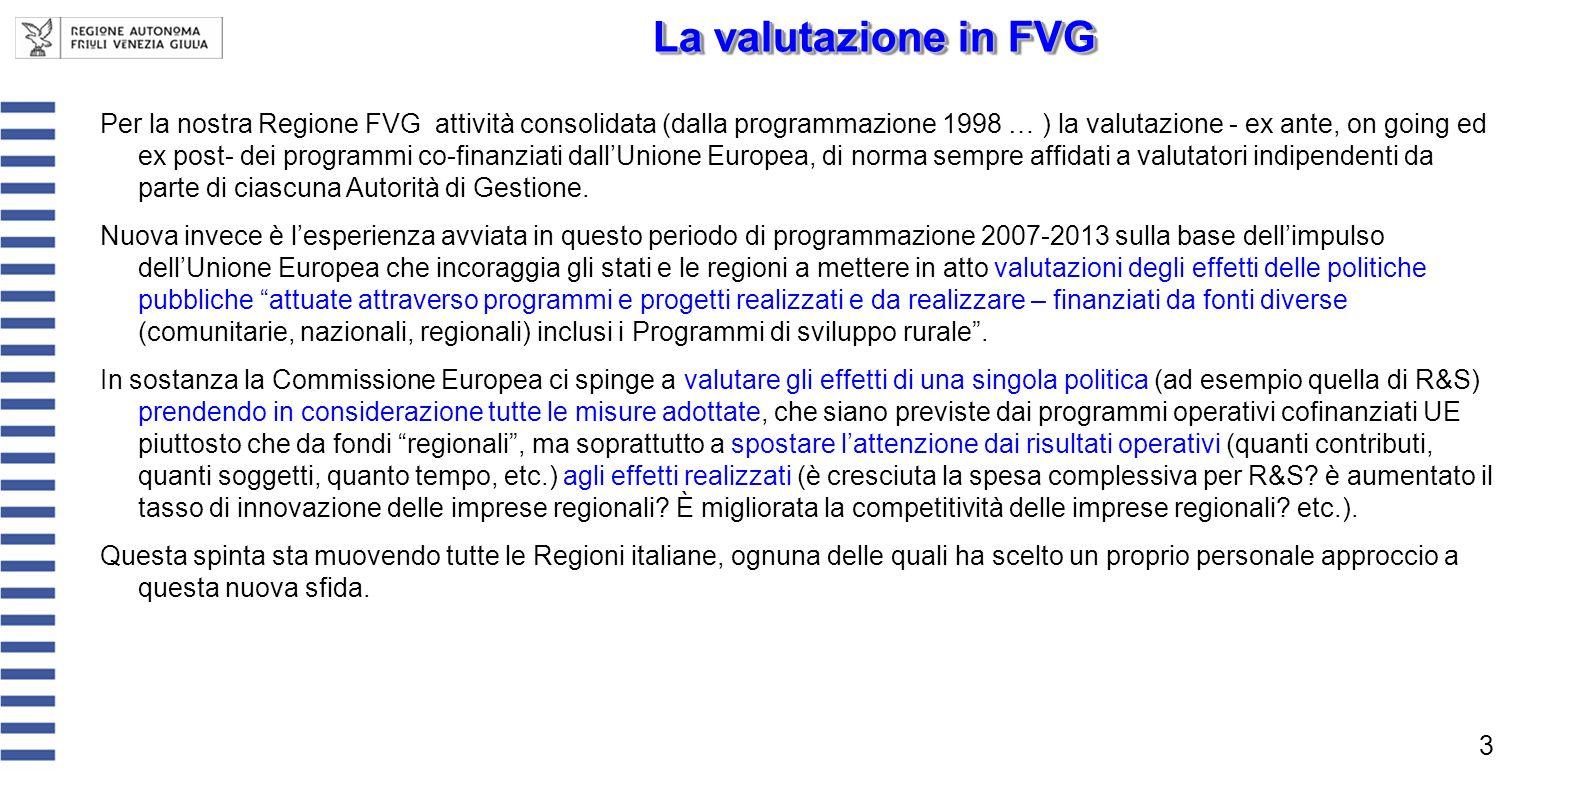 Per la nostra Regione FVG attività consolidata (dalla programmazione 1998 … ) la valutazione - ex ante, on going ed ex post- dei programmi co-finanzia